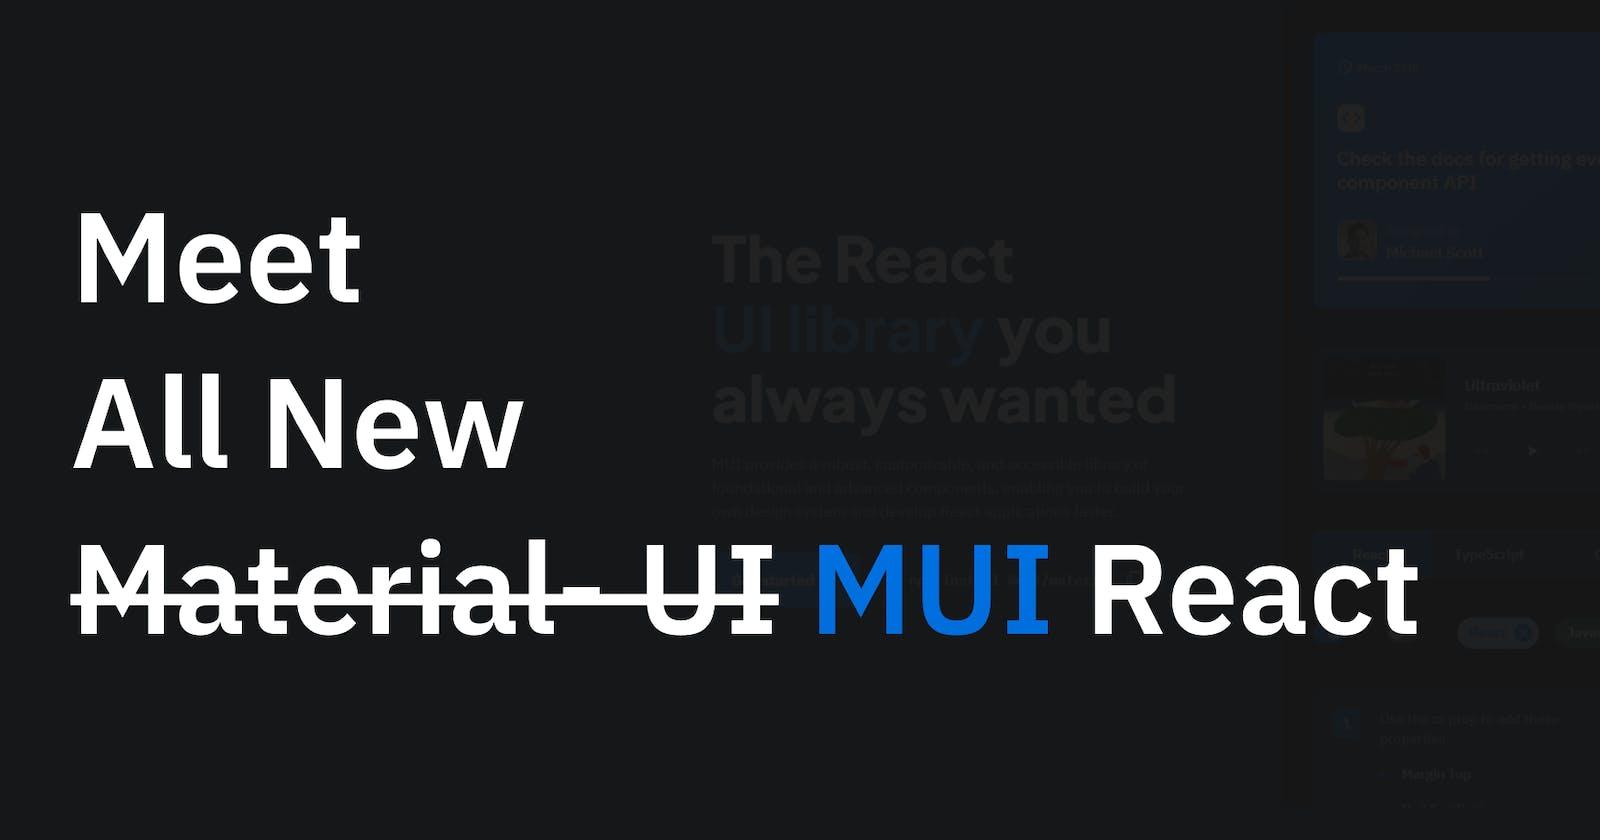 Meet all new MUI React